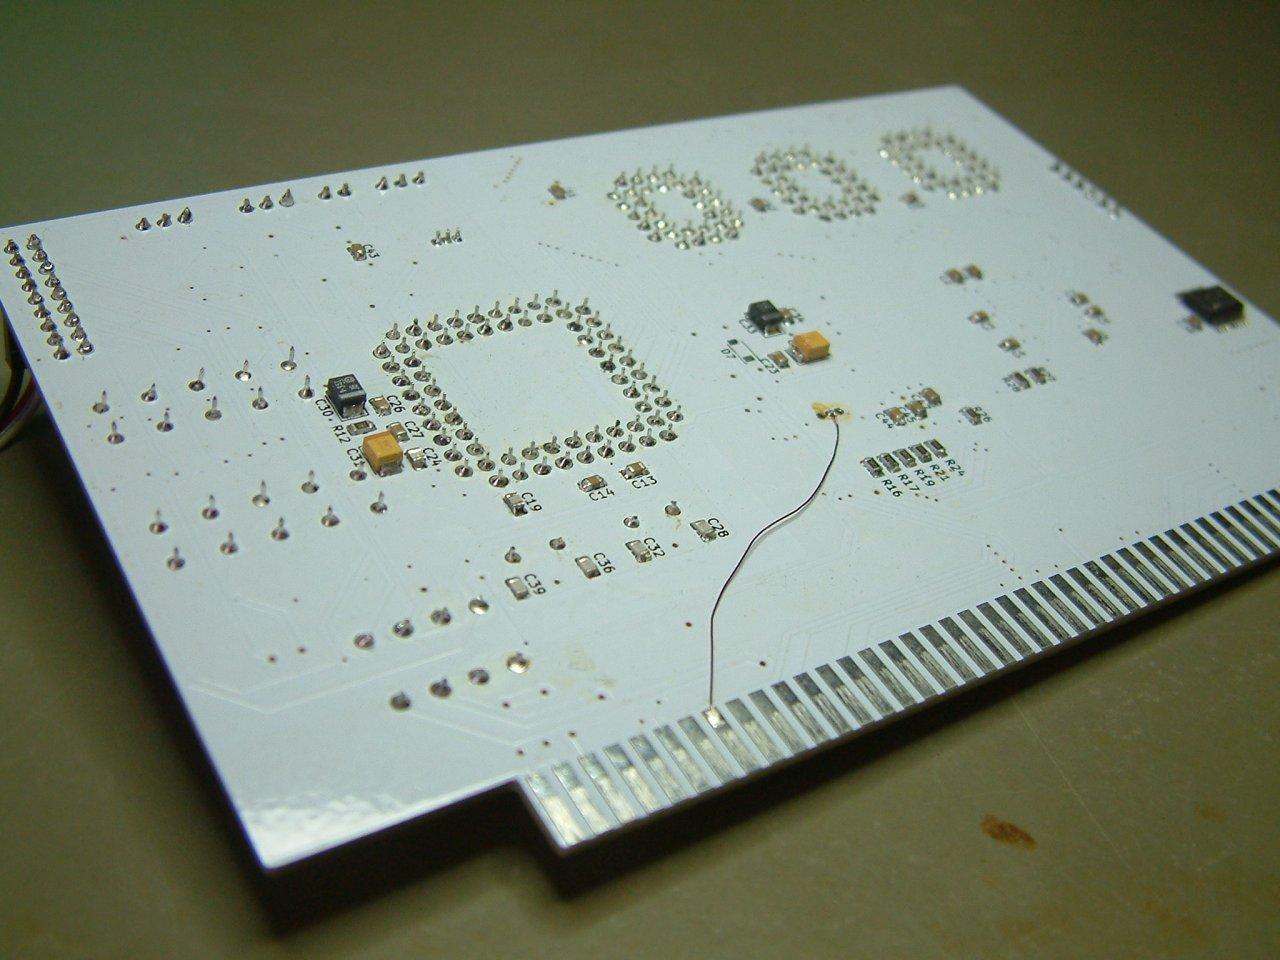 Klikněte na obrázek pro zobrazení větší verze  Název: DSCF0022.JPG Zobrazeno: 20 Velikost: 151,7 KB ID: 10102